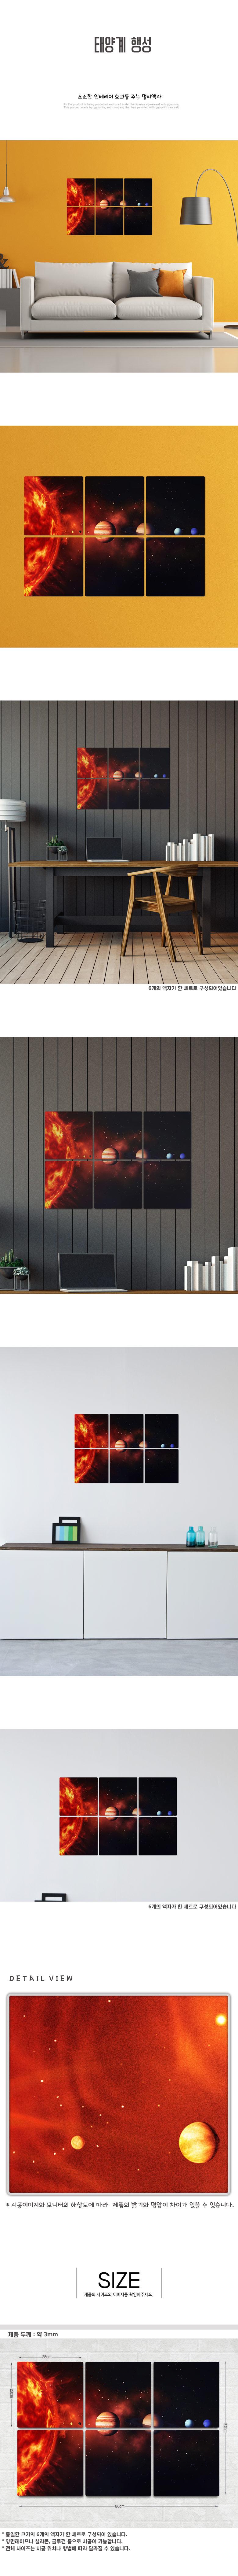 멀티액자_태양계행성 - 꾸밈, 48,000원, 홈갤러리, 사진아트